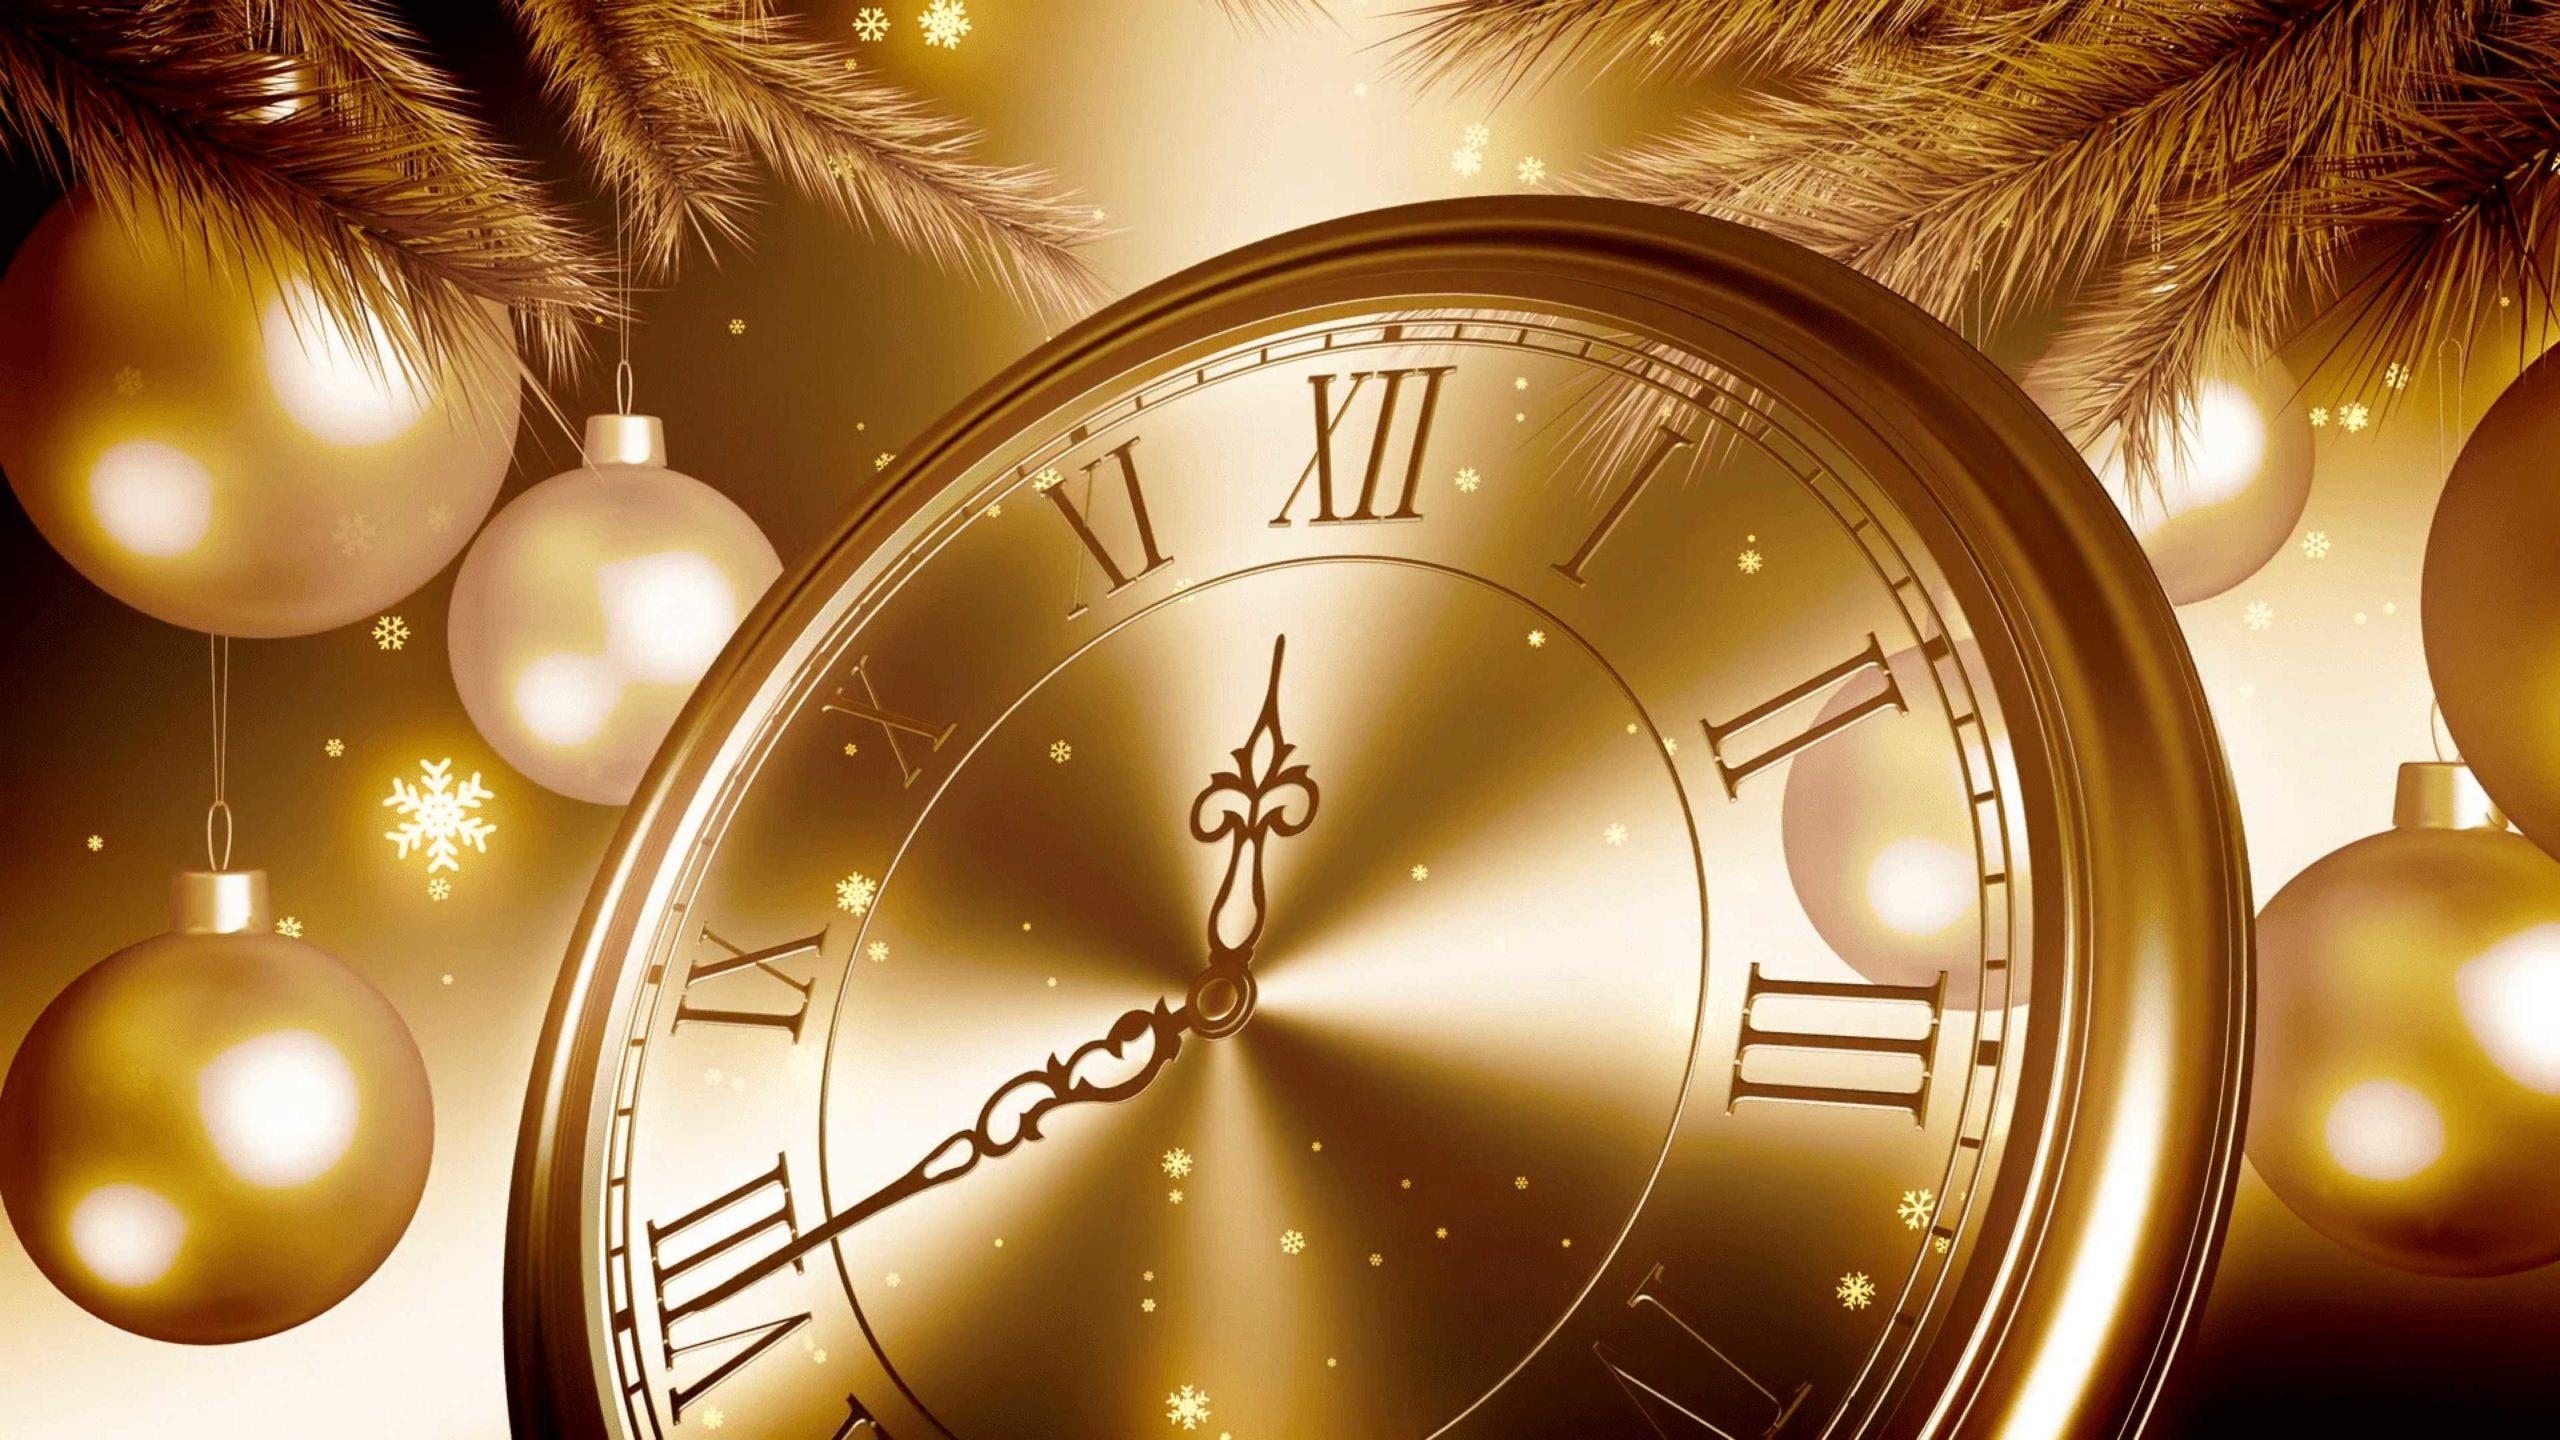 Kellemes Karácsonyi Ünnepet és Boldog Új Évet kíván a Könyvelőzóna!